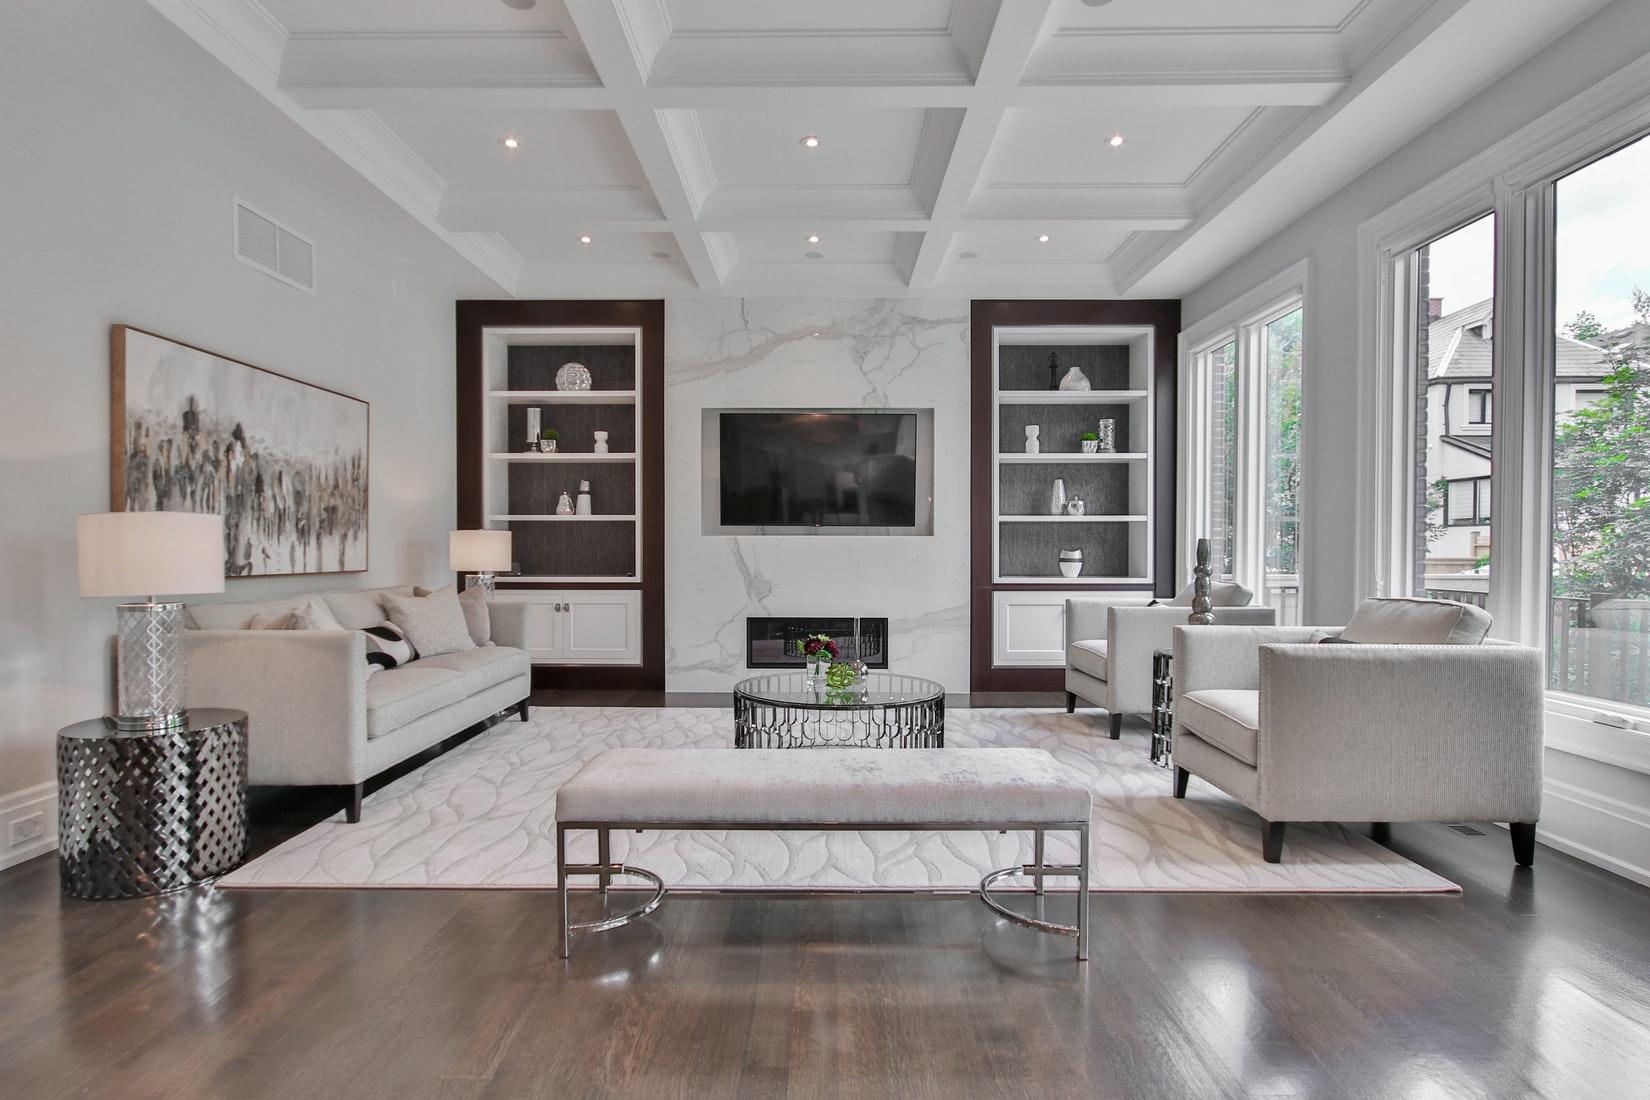 moderne-woonkamer-grijs-wit